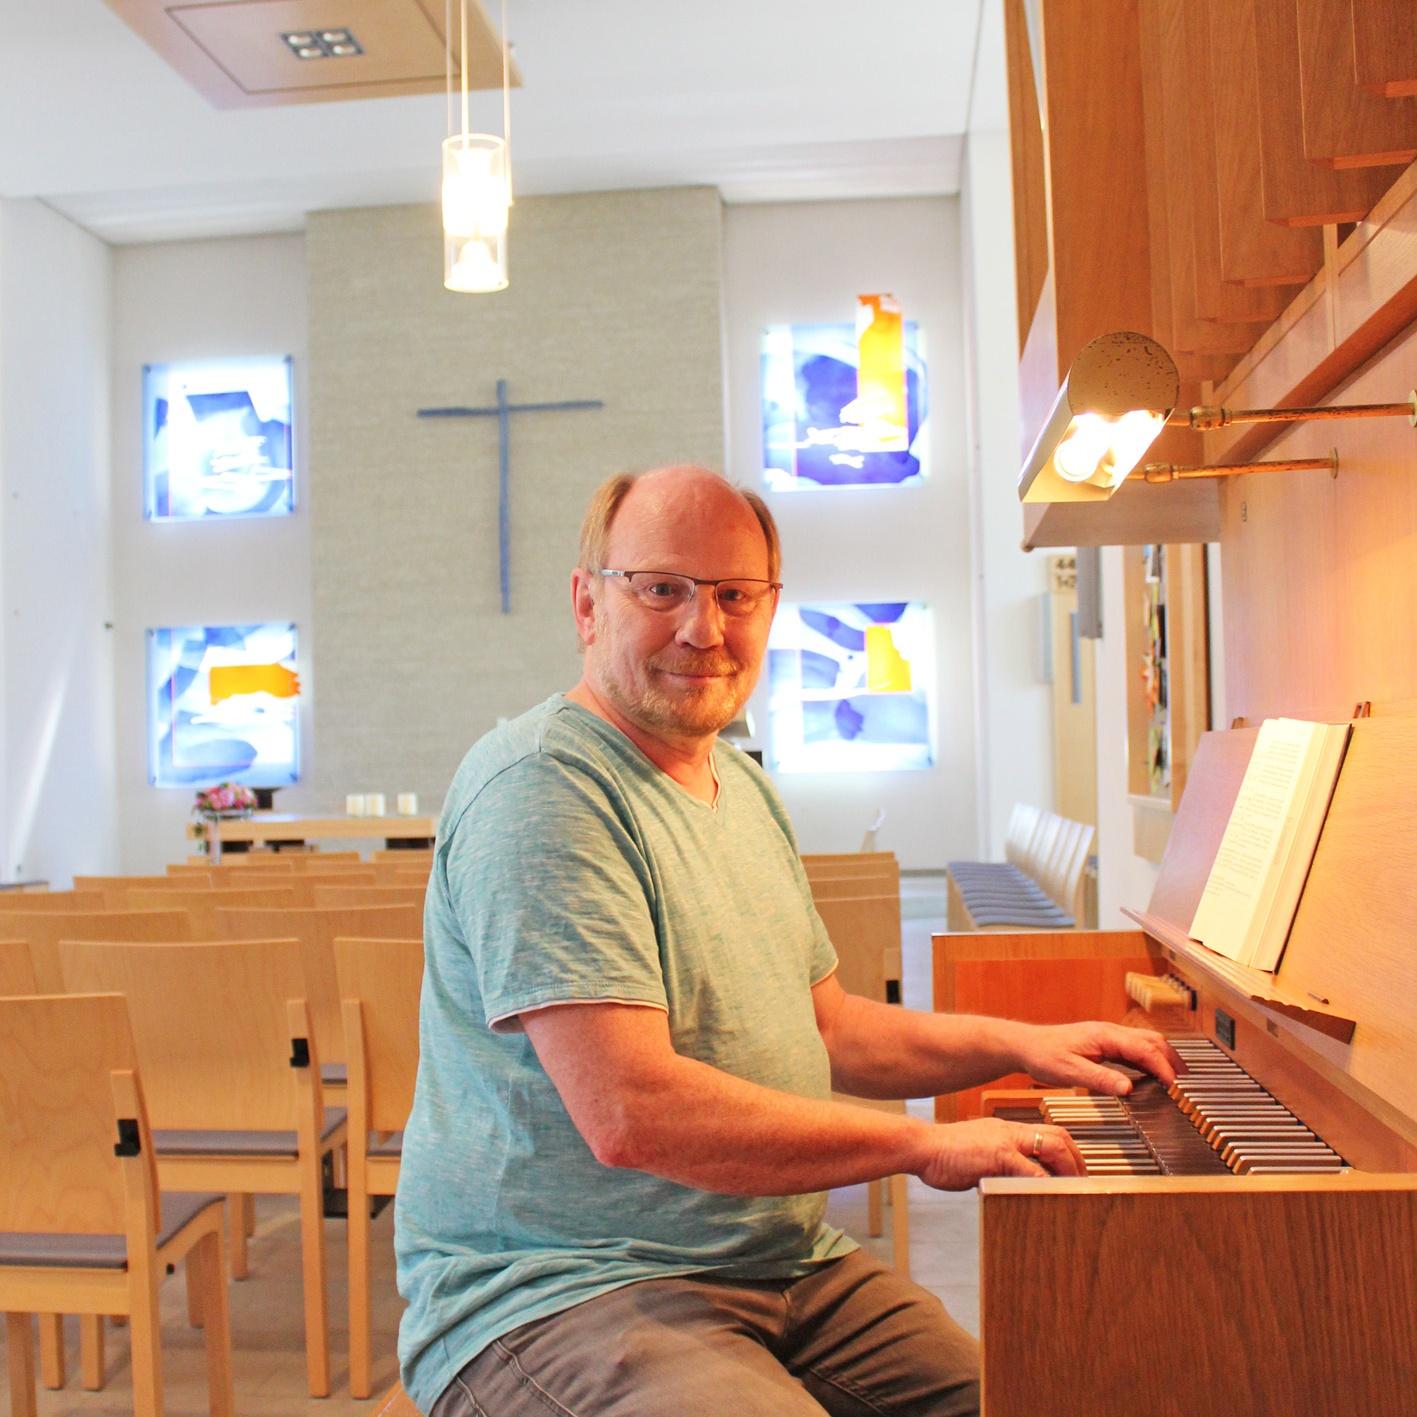 KIRCHENGEMEINDE BAD LIPPSPRINGE verabschiedet Kantor Ulrich Schneider Kirchenmusiker aus Berufung und mit Leidenschaft